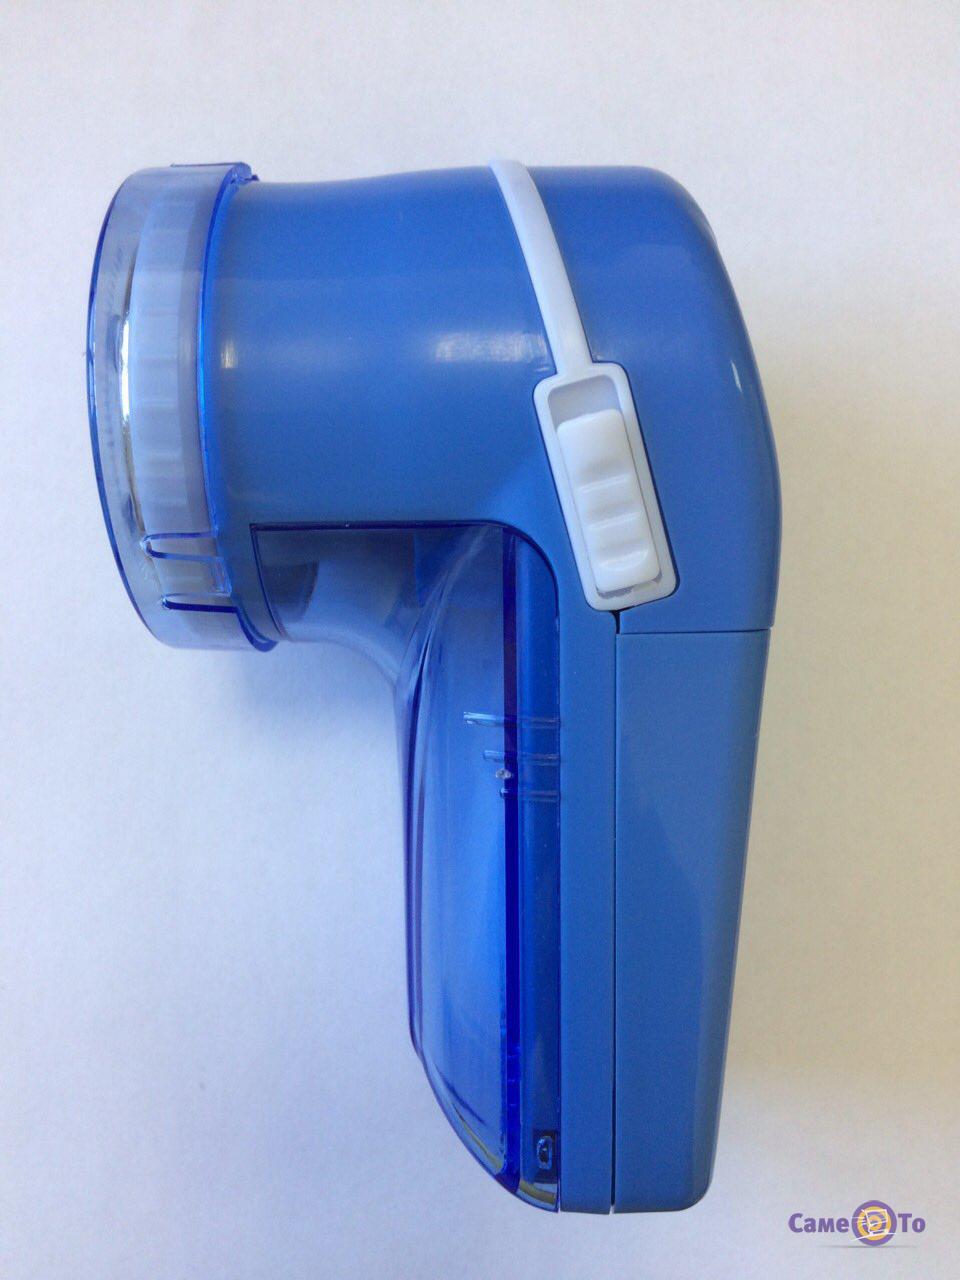 Кишенькова машинка від катишків Sonny SQ-1110  ціна d731b01635227